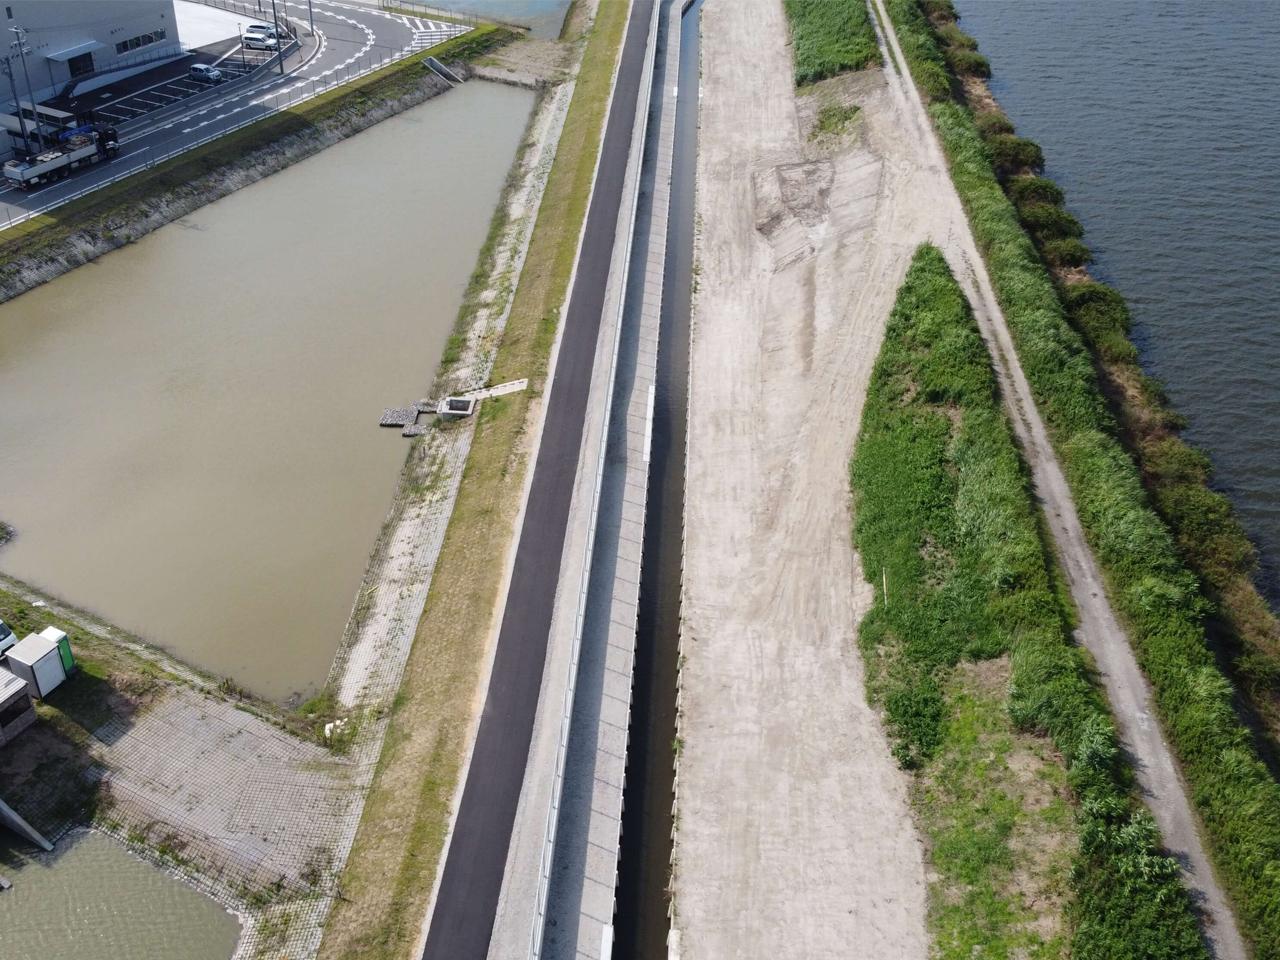 道路橋りょう改築工事地盤沈下対策河川緊急整備工事合併工事(諸桑工区)